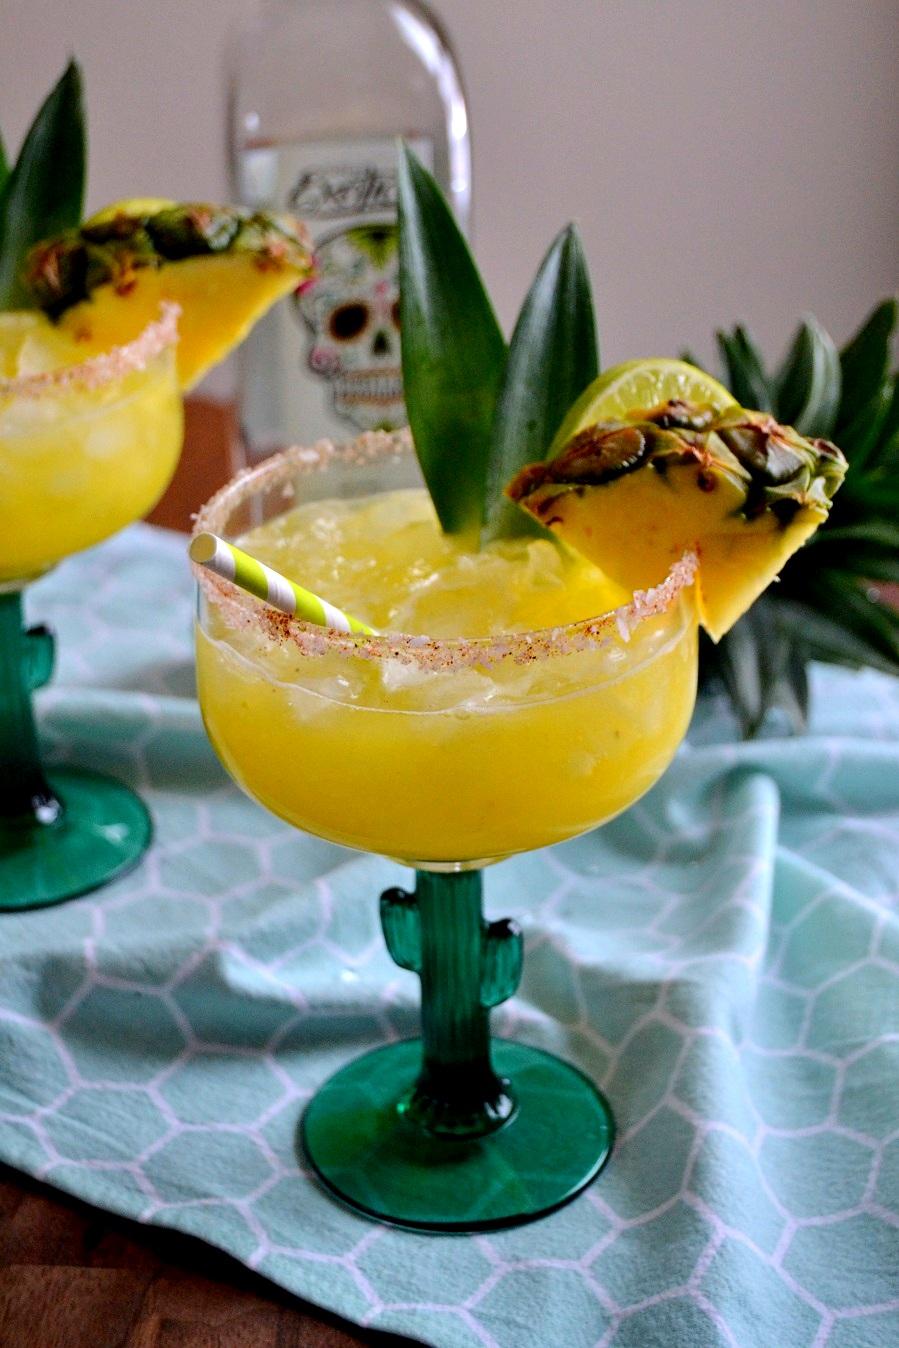 Spicy Cilantro Pineapple Margaritas